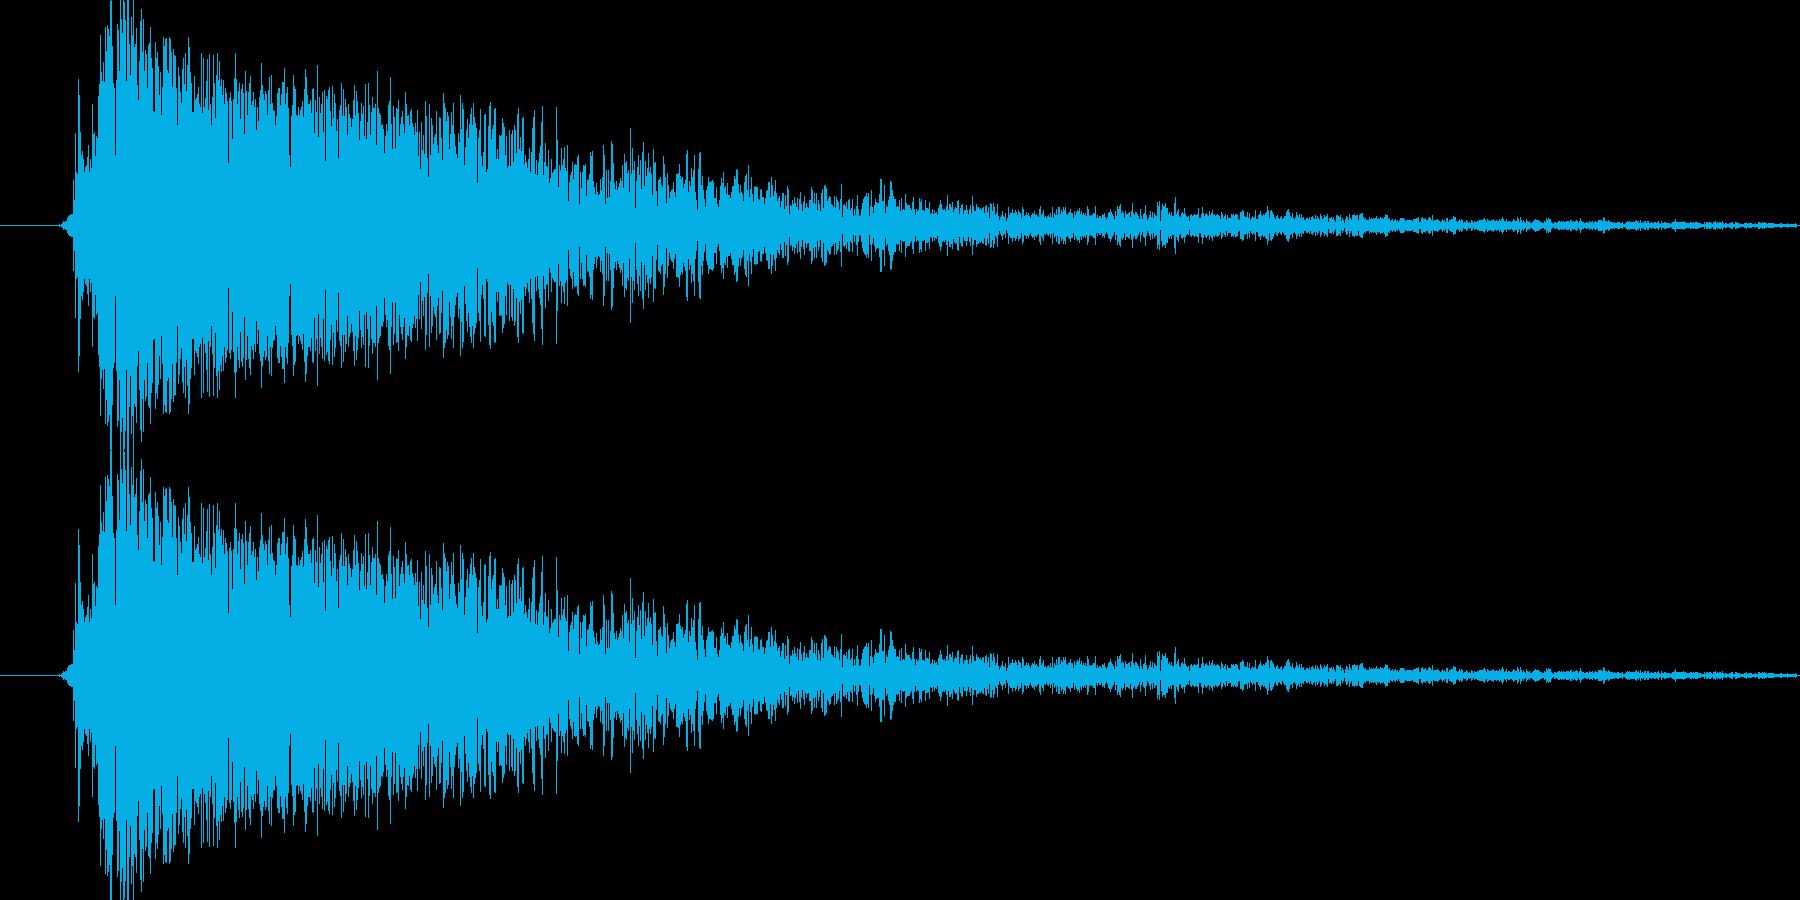 シンバル(キシィー)の再生済みの波形